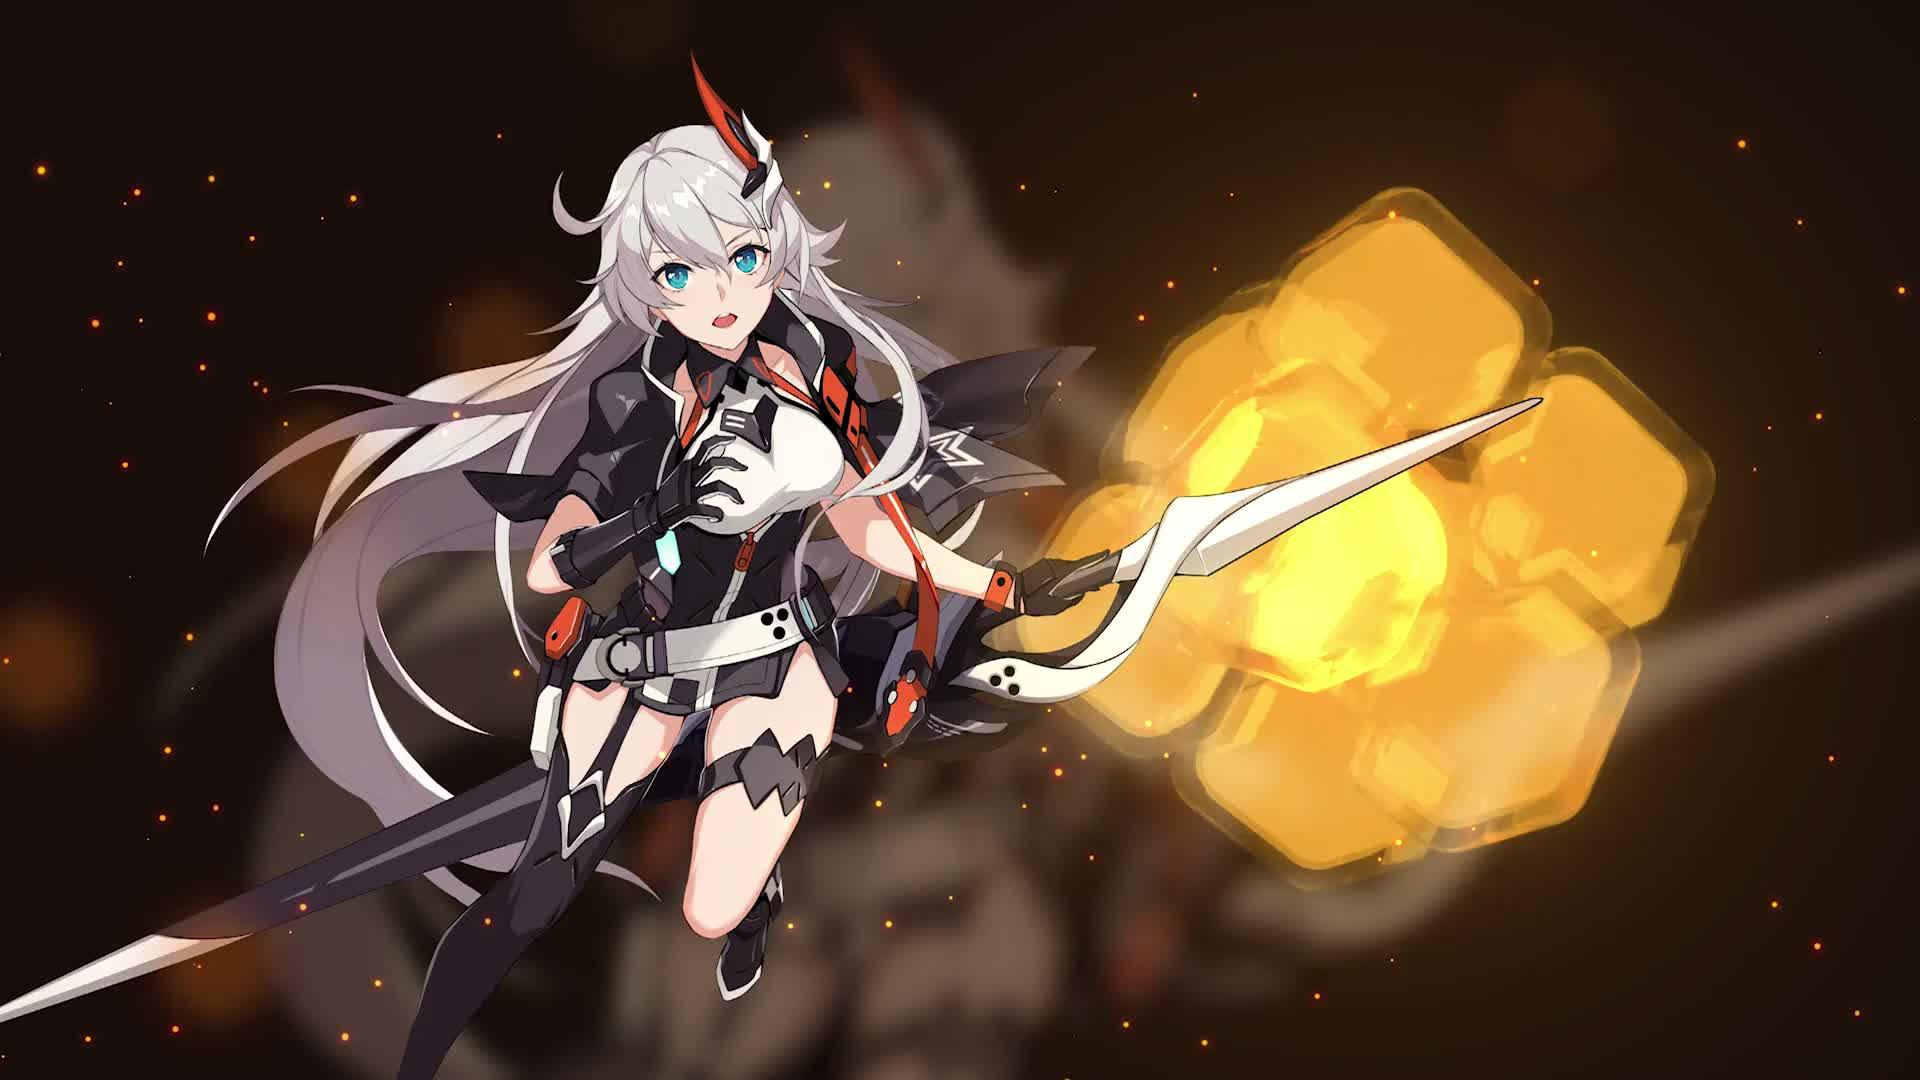 Anime Honkai Impact 3 Wallpapers - Wallpaper Cave